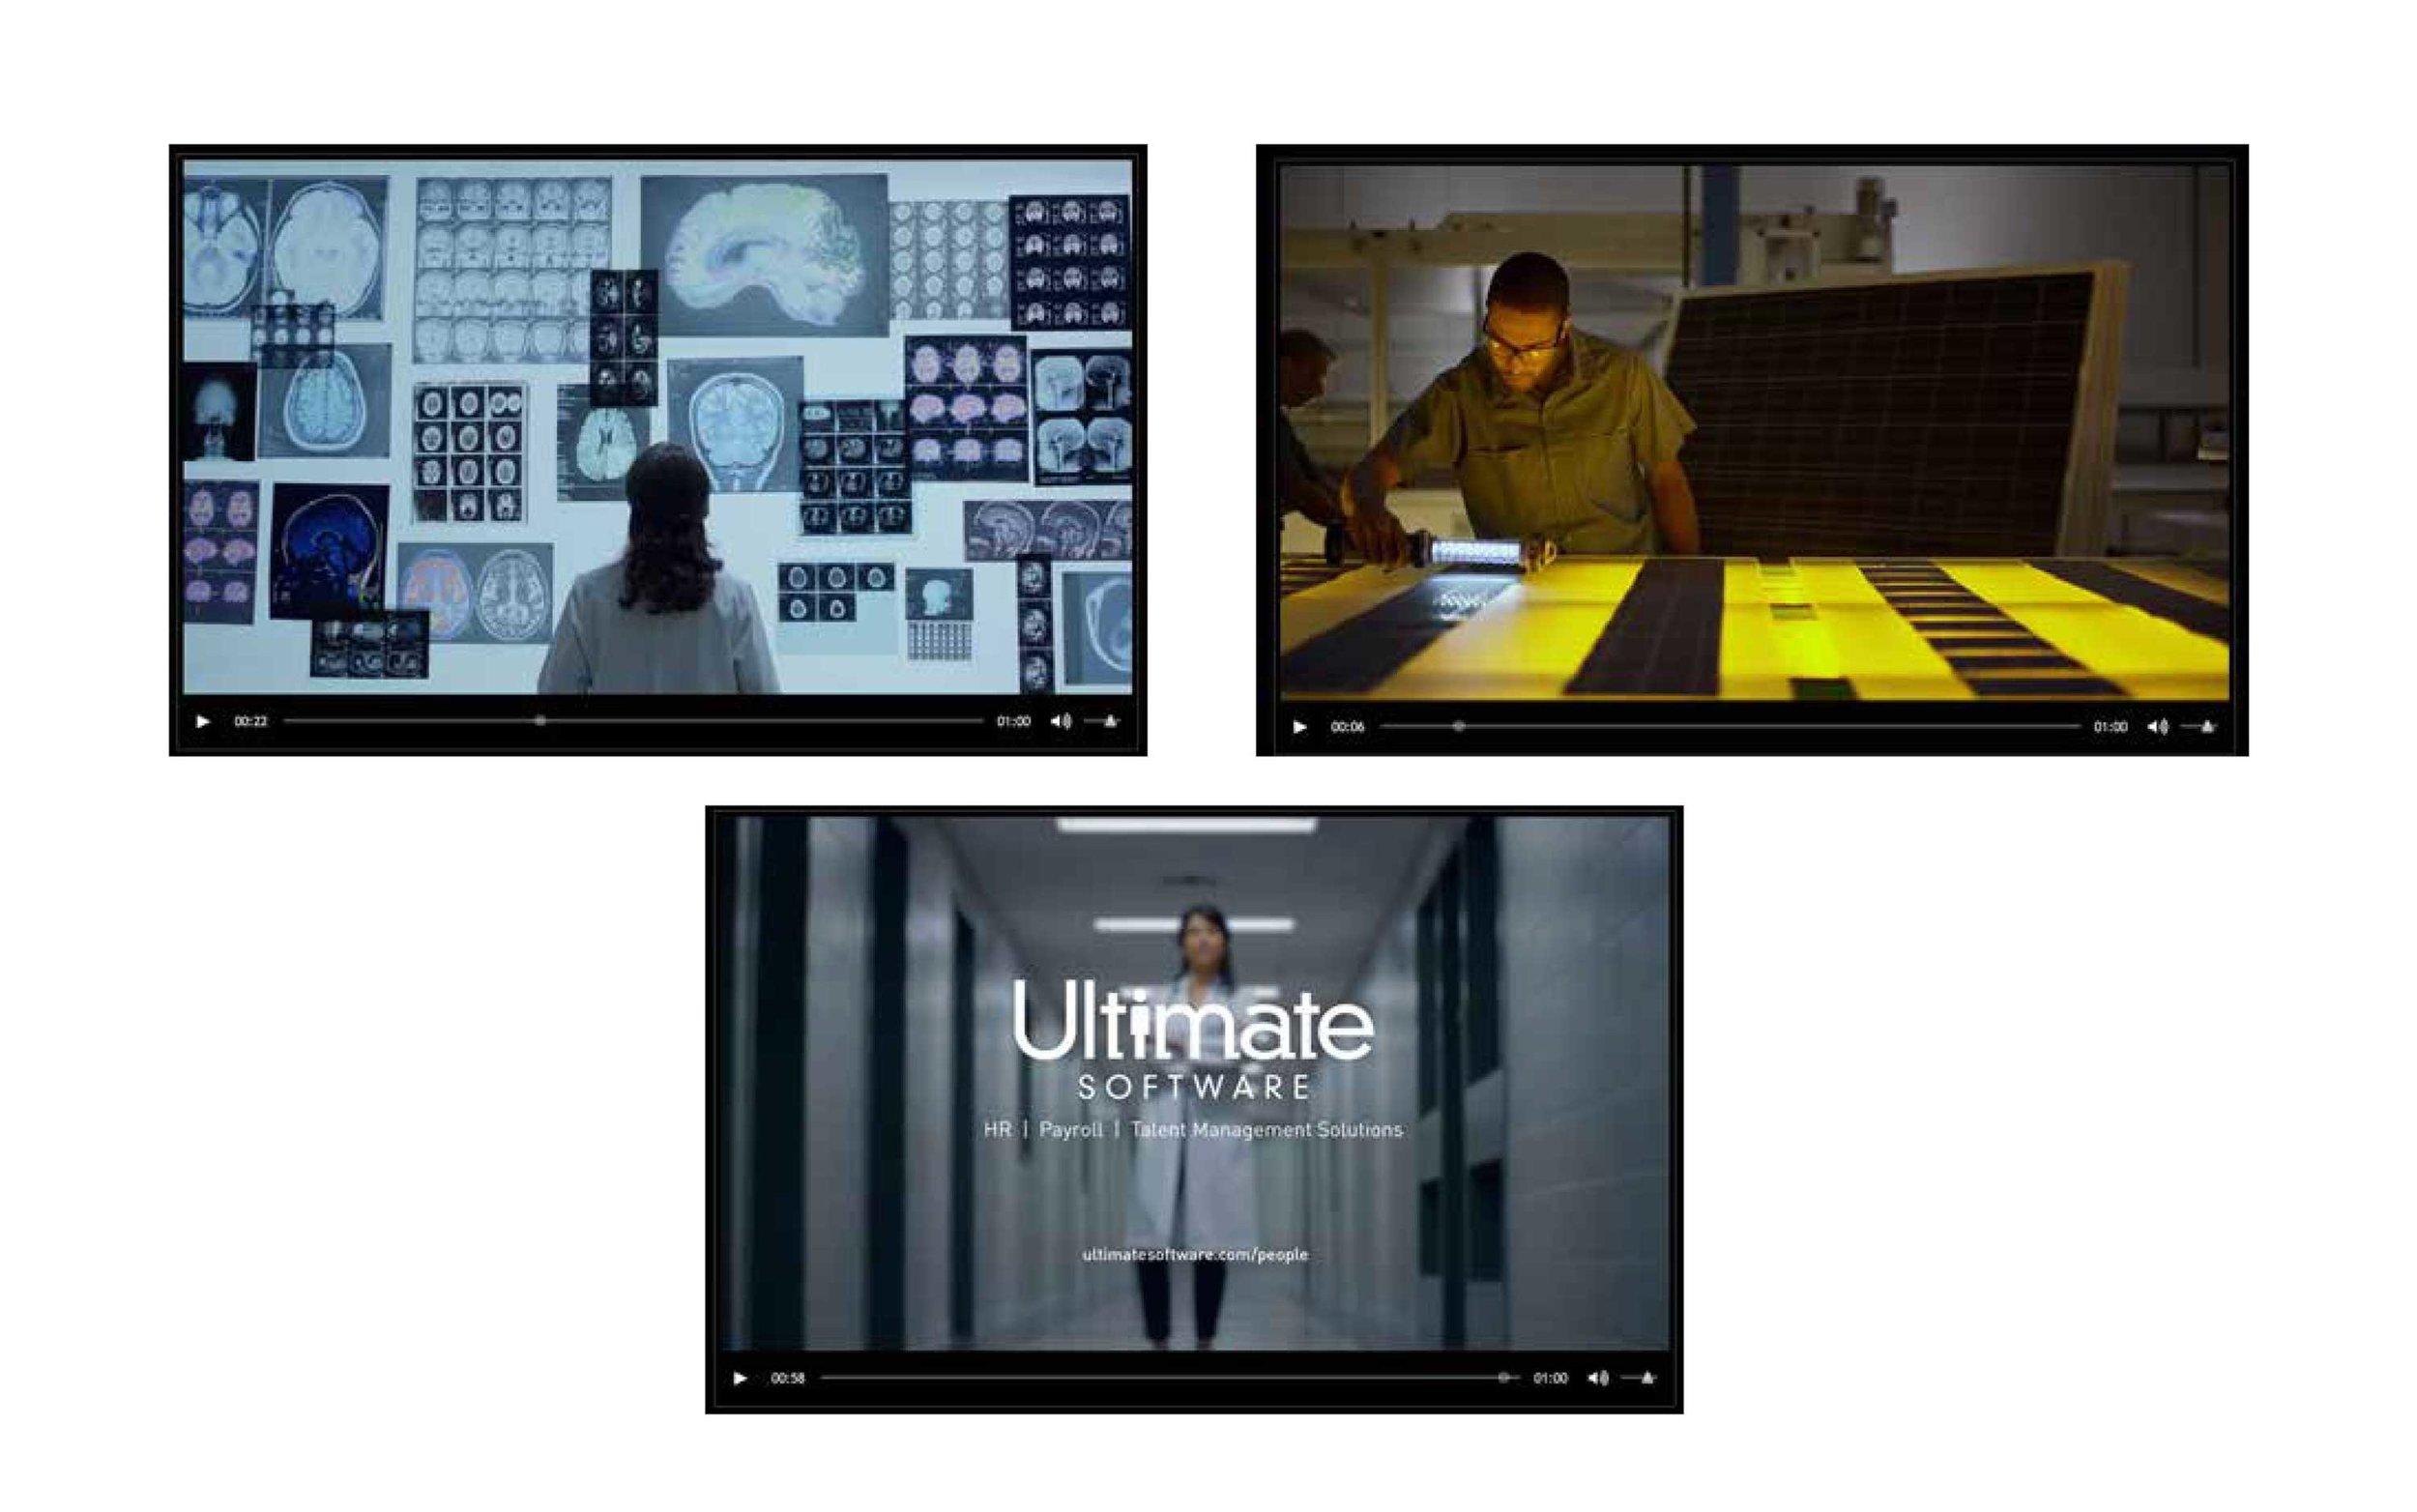 ultimate3.jpg